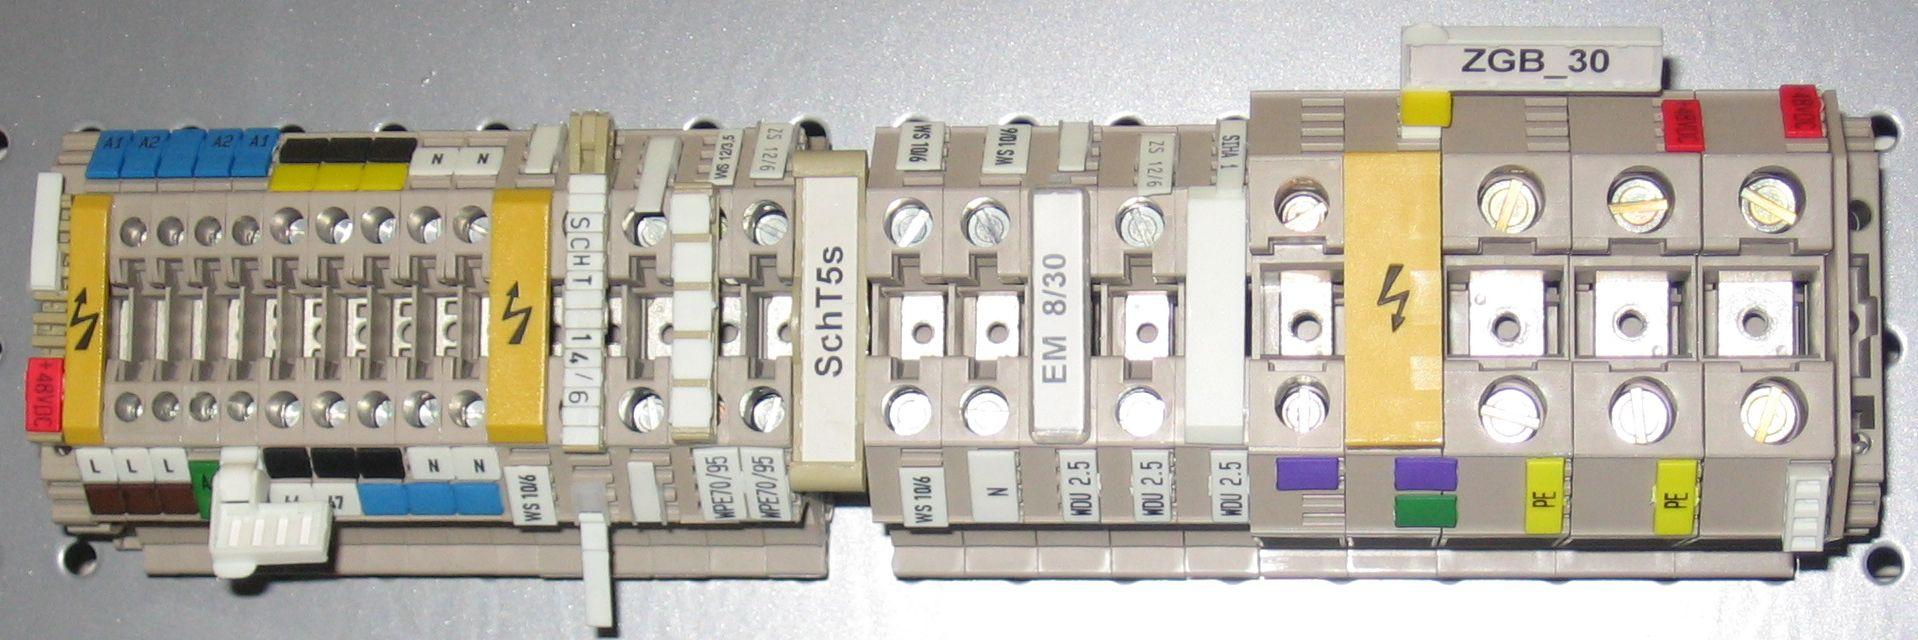 Клеммные колодки для din-рейки: классификация, фото